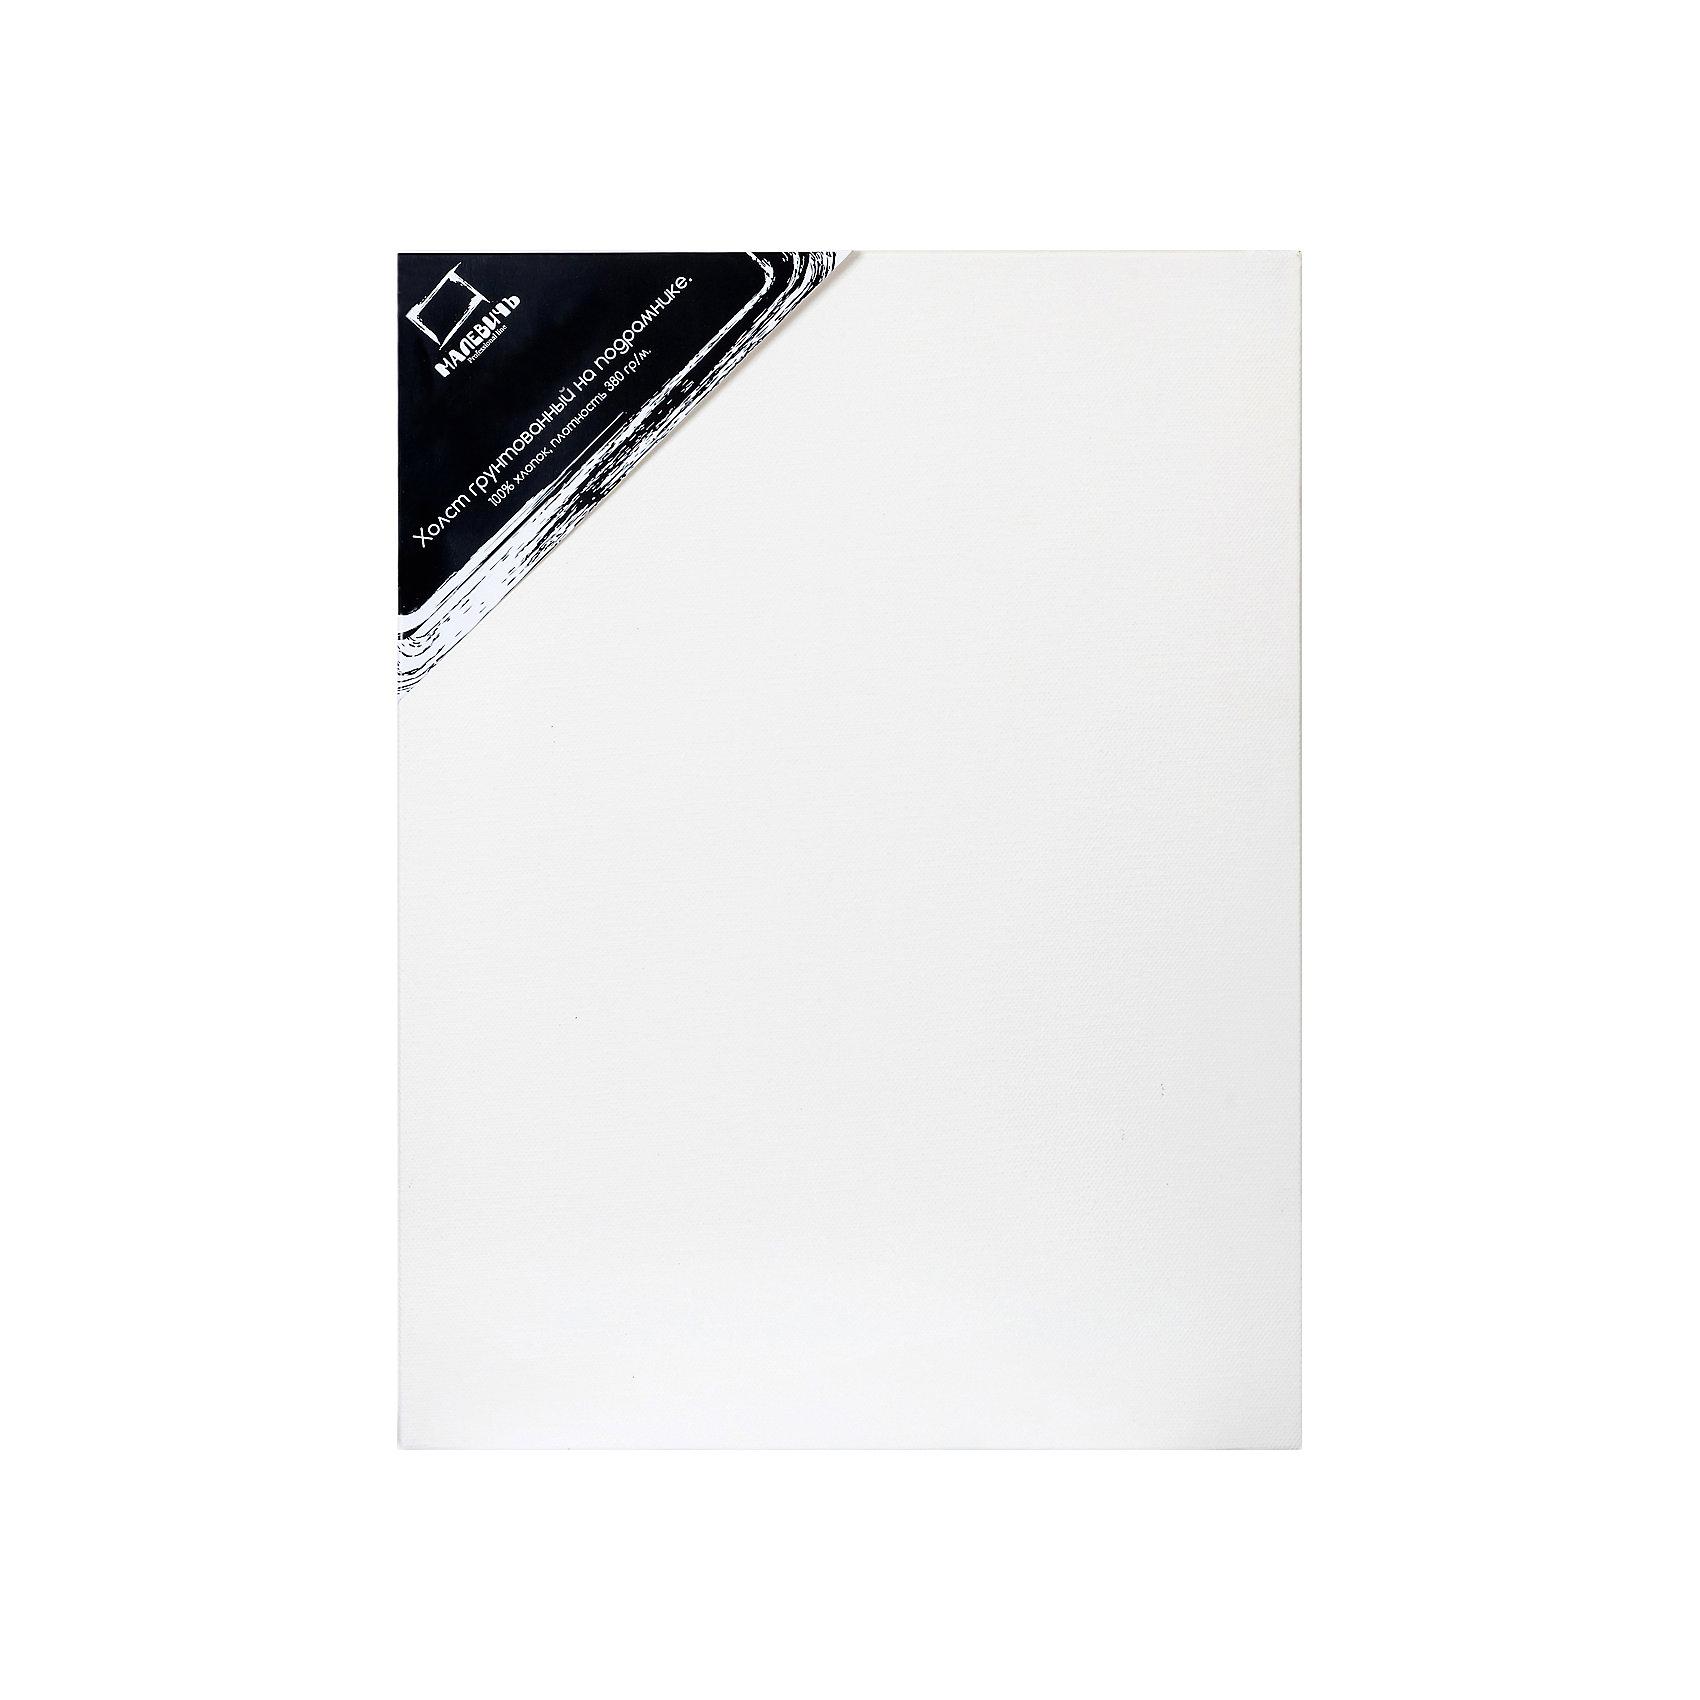 Холст на подрамнике Малевичъ, хлопок 380 гр, 50x70 смПринадлежности для творчества<br>Полностью готовые к работе холсты  для профессиональной живописи. Представляют собой грунтованное среднезернистое полотно из 100% хлопка плотностью 380 г/кв. м, натянутое на деревянный подрамник. В комплект входят клинья, позволяющие регулировать степень натяжения полотна. Гладкая поверхность хлопкового полотна удобна для предварительных набросков, а повышенная плотность холста позволяет использовать его для картин большого формата. Все холсты Малевич изготавливаются из 100% натуральных материалов и проходят тестирование профессиональными художниками.<br><br>Холсты на подрамниках Малевич:<br><br>•    изготовлены из плотного натурального полотна без узелков и неровностей<br>•    профессионально натянуты и загрунтованы<br>•    экономят время художника – сразу же можно приступать к работе<br>•    подходят для любого вида красок, кроме акварельных (для которых у нас есть Акварельные холсты)<br>•    гладкая поверхность удобна для карандашных набросков<br><br>Ширина мм: 500<br>Глубина мм: 700<br>Высота мм: 20<br>Вес г: 805<br>Возраст от месяцев: 84<br>Возраст до месяцев: 2147483647<br>Пол: Унисекс<br>Возраст: Детский<br>SKU: 6757436